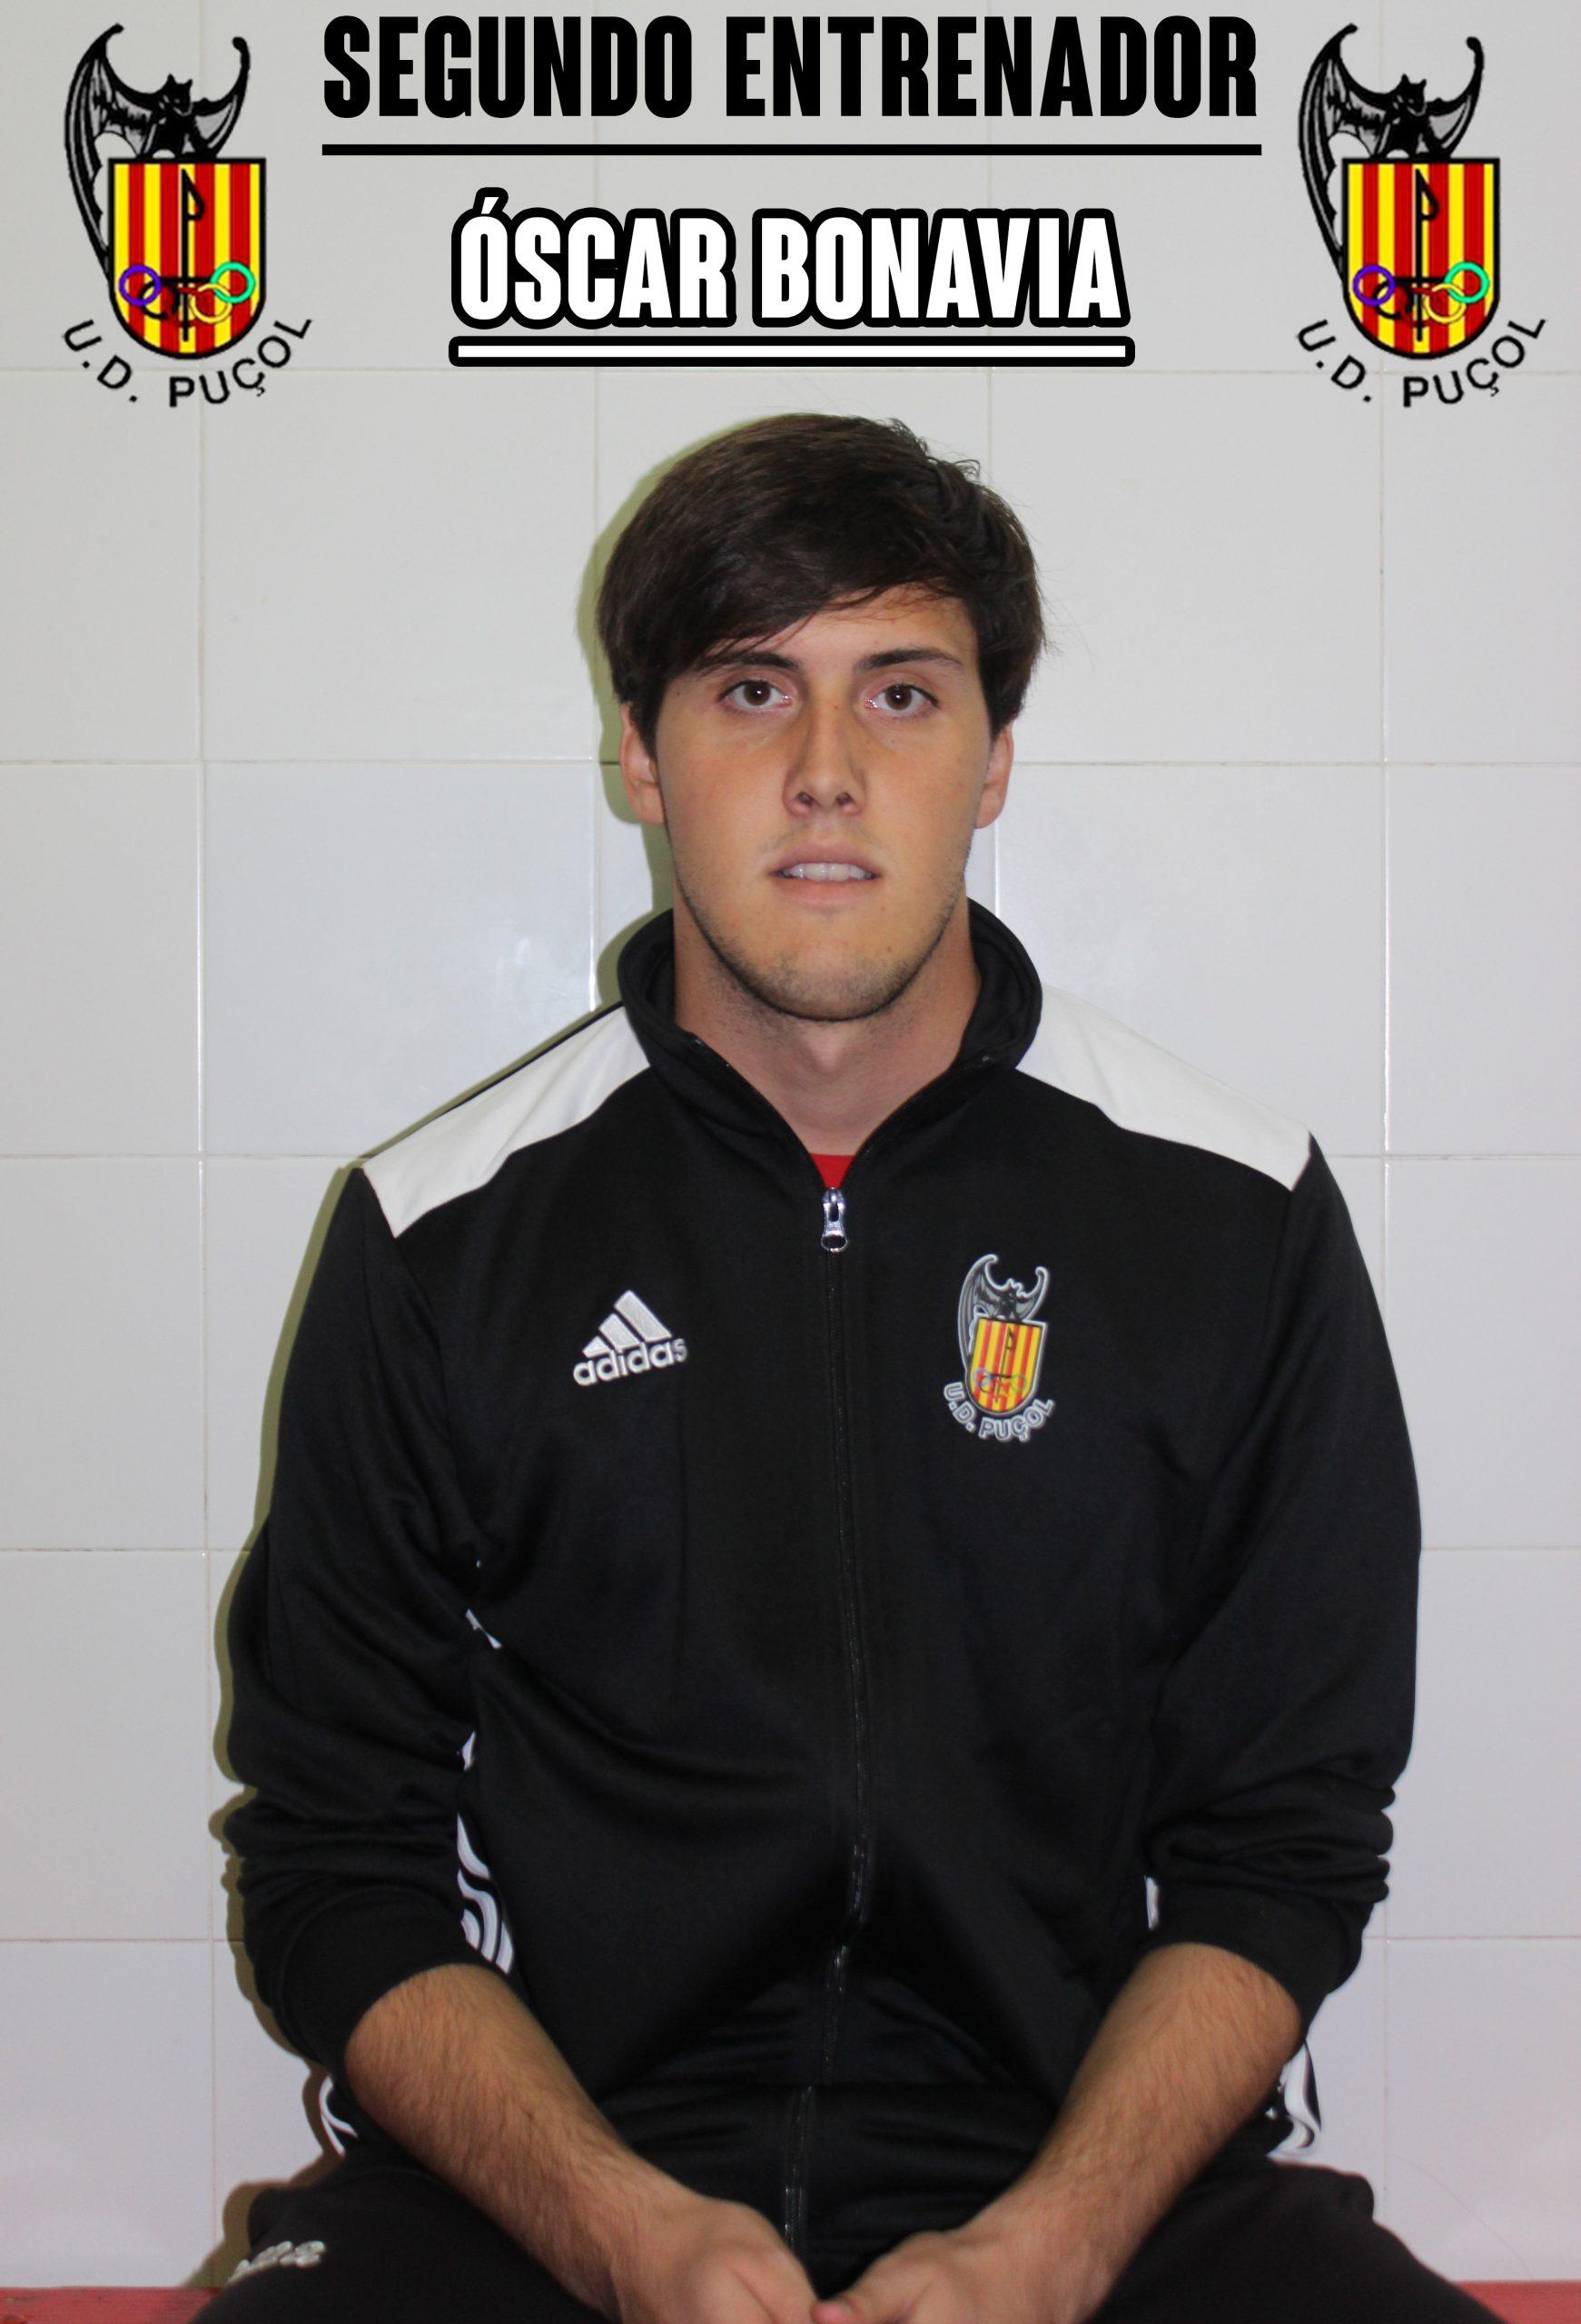 Óscar Bonavia Segundo Entrenador